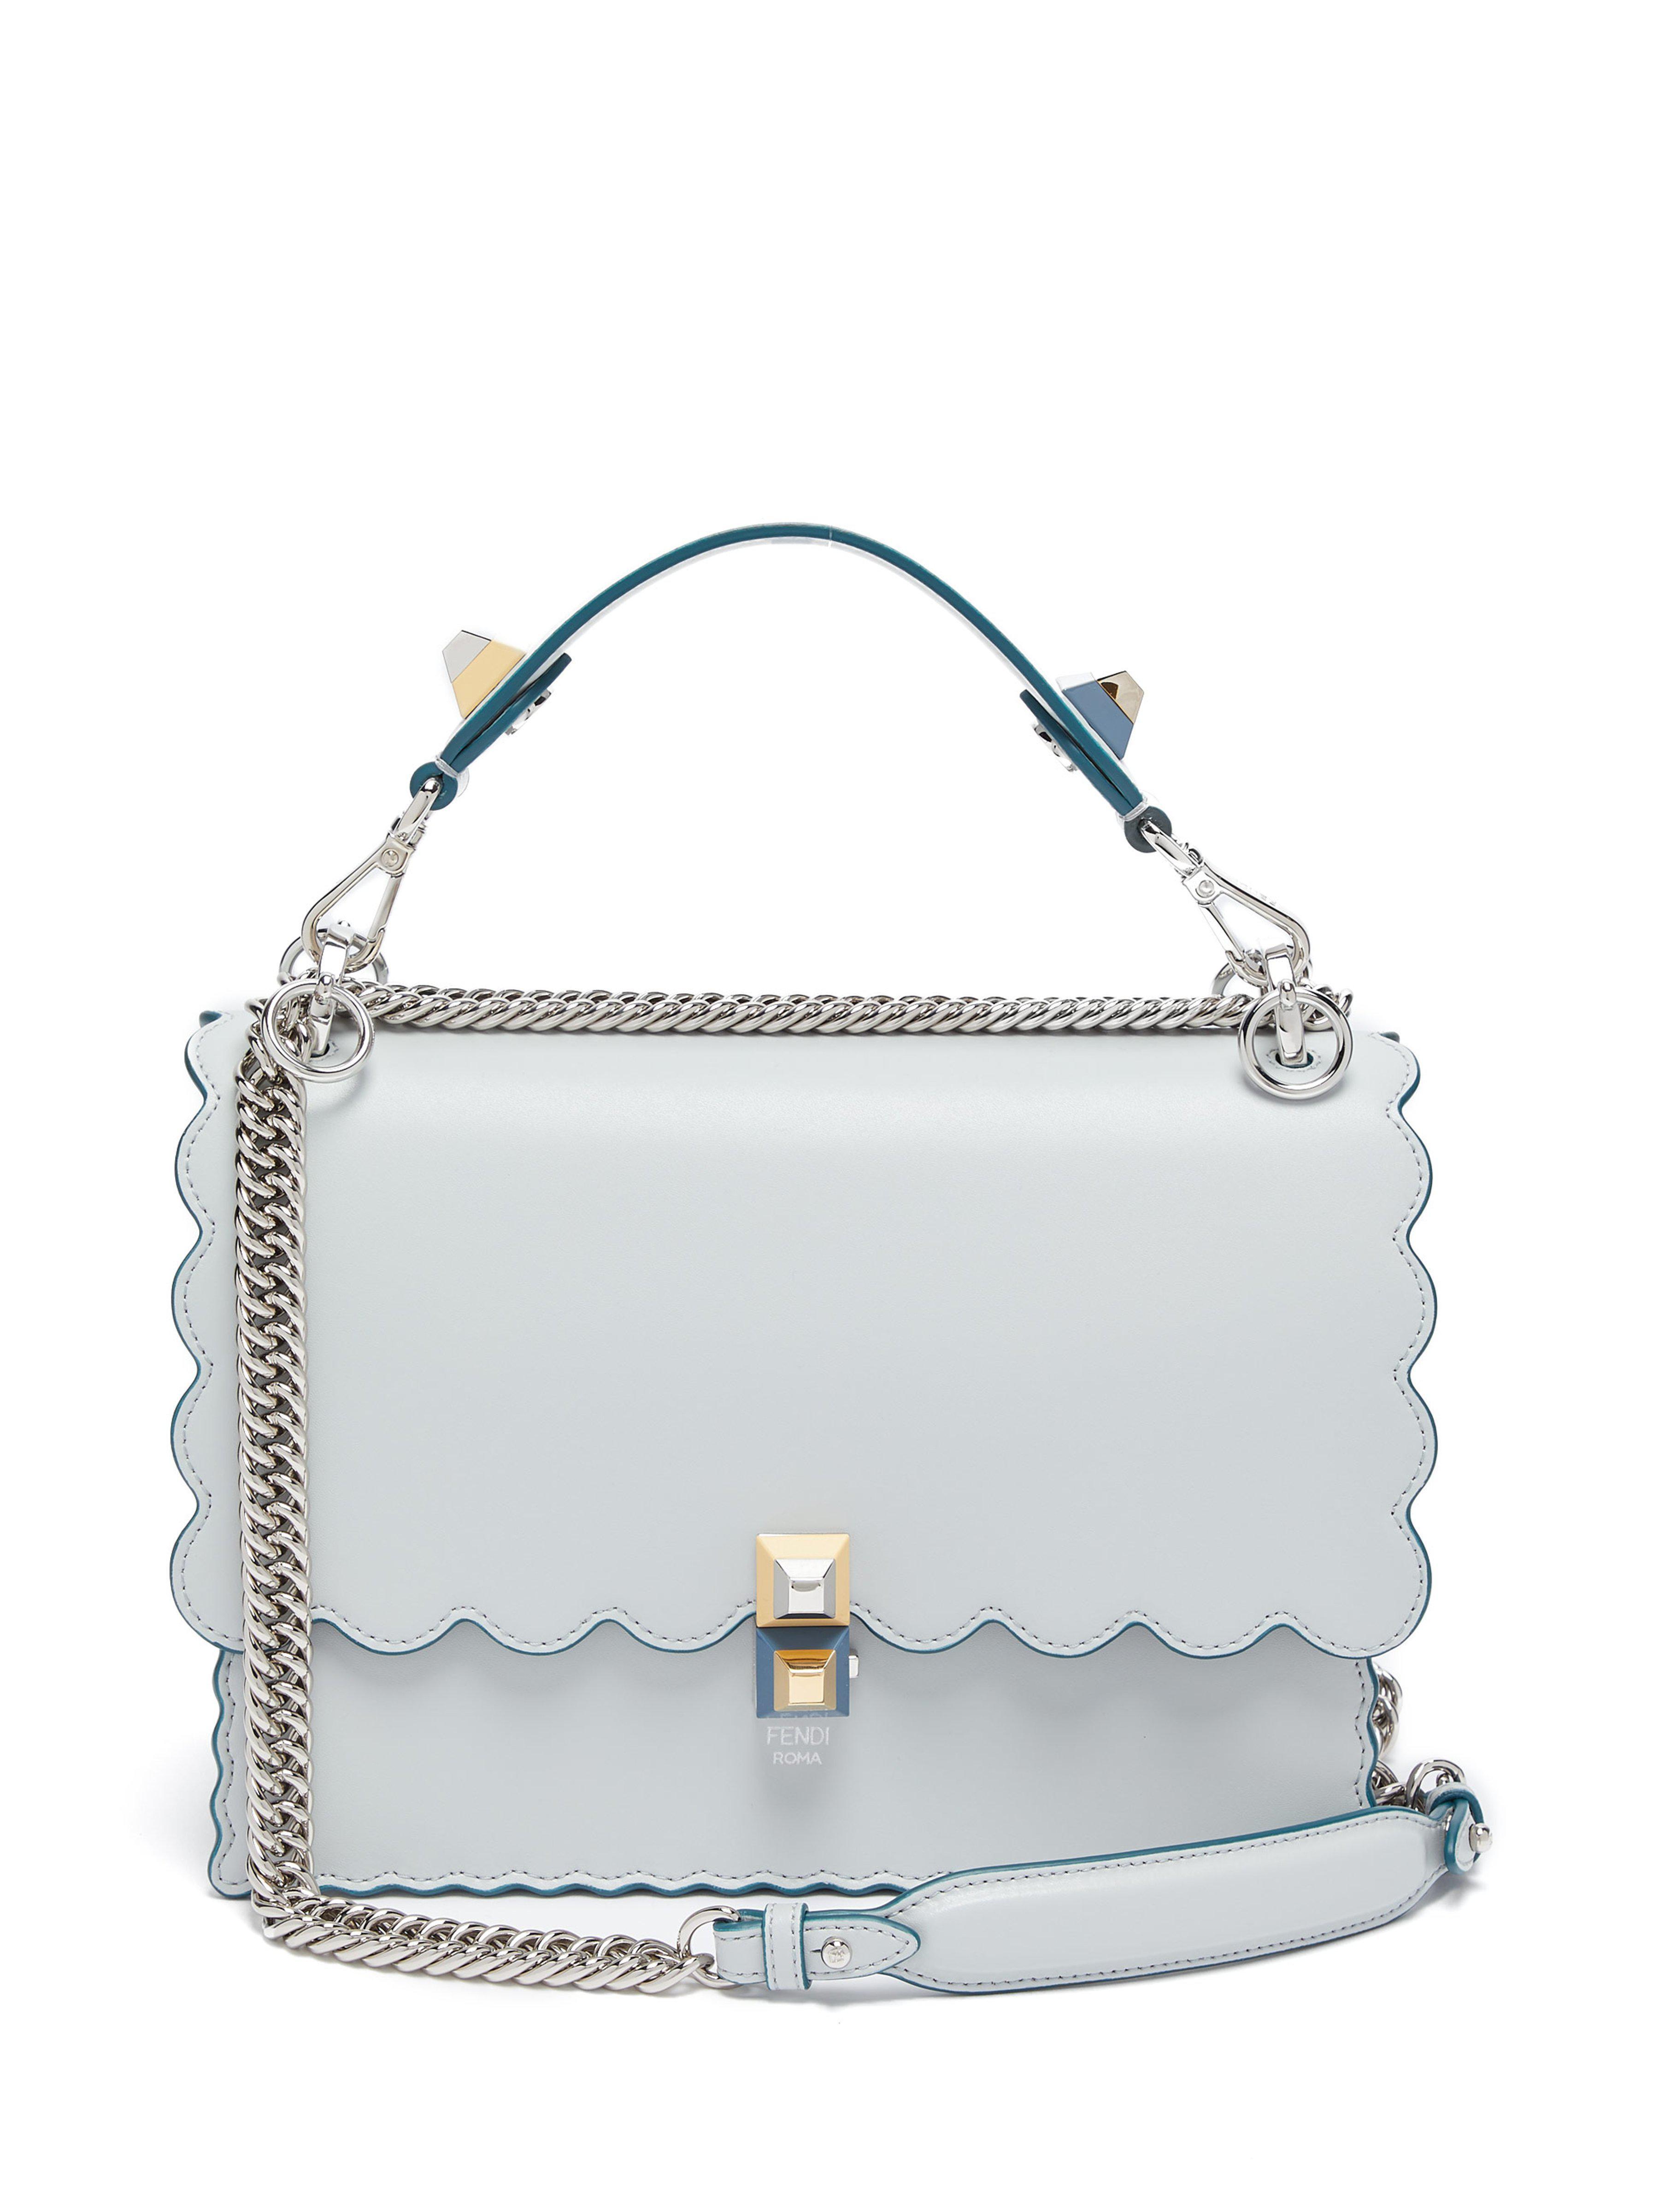 a9b46db2f6fd Fendi Kan I Leather Shoulder Bag in Blue - Lyst